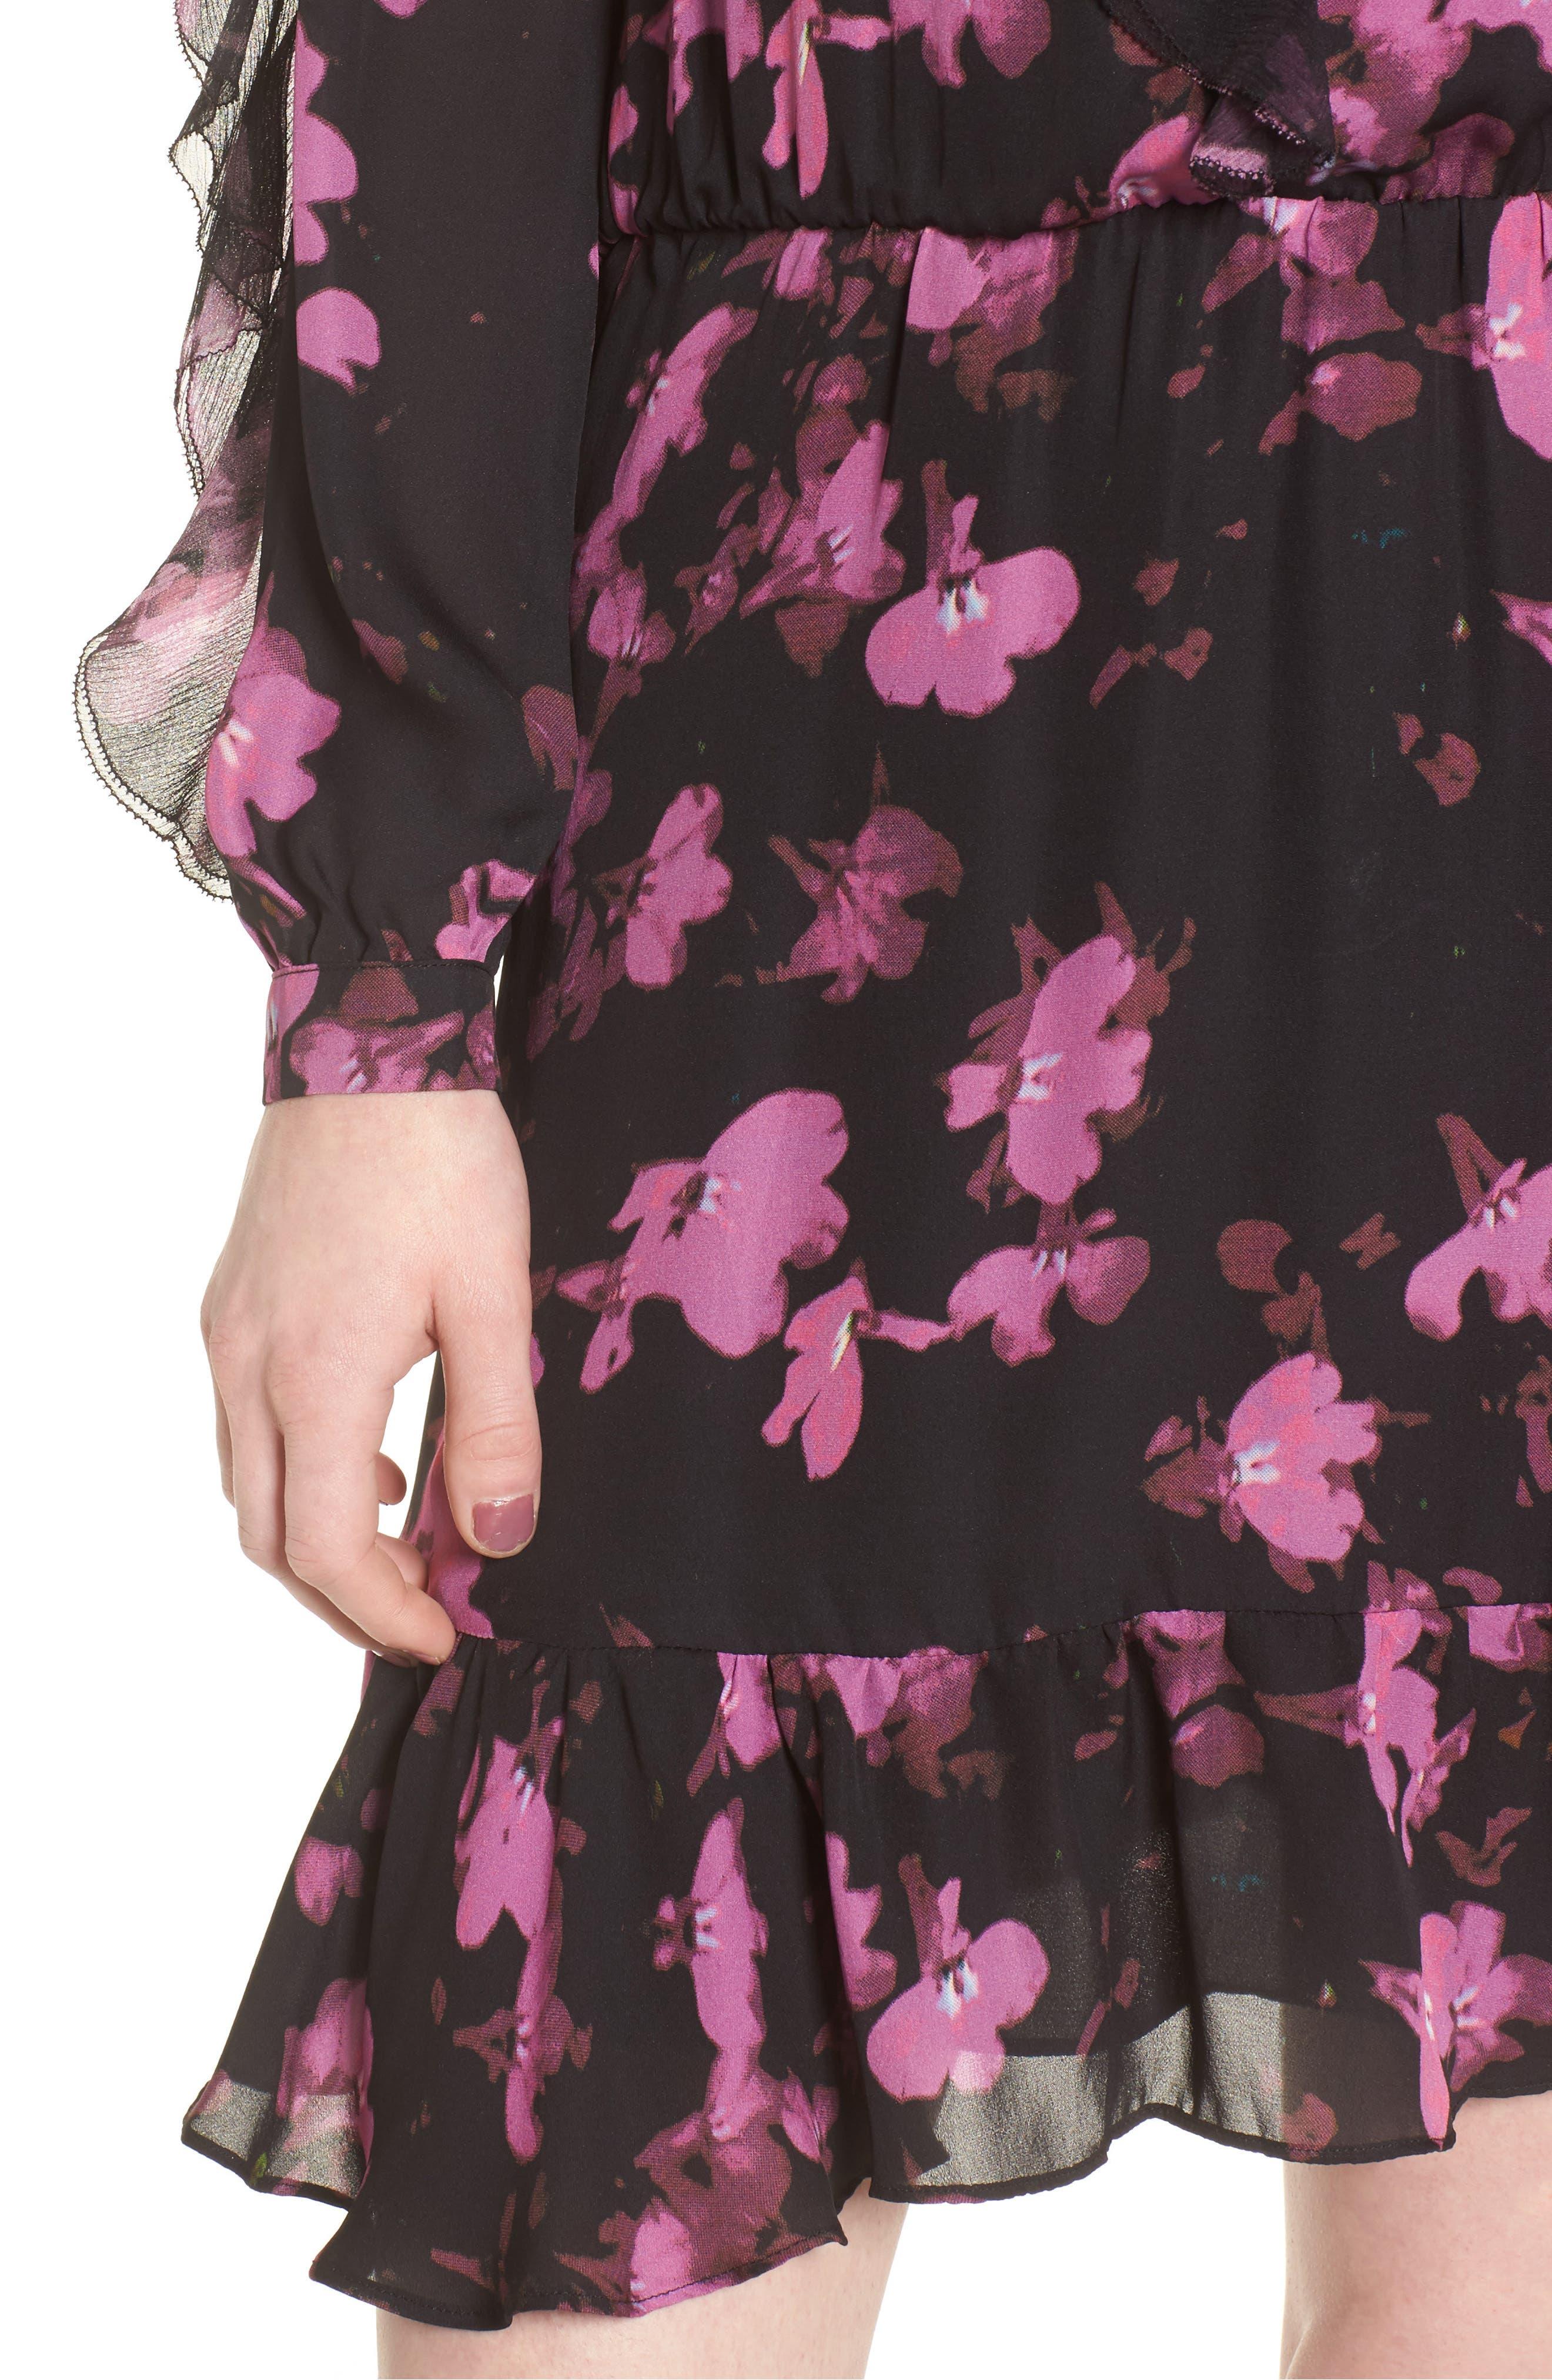 Zinnia Ruffle Silk Dress,                             Alternate thumbnail 4, color,                             Petalbloom